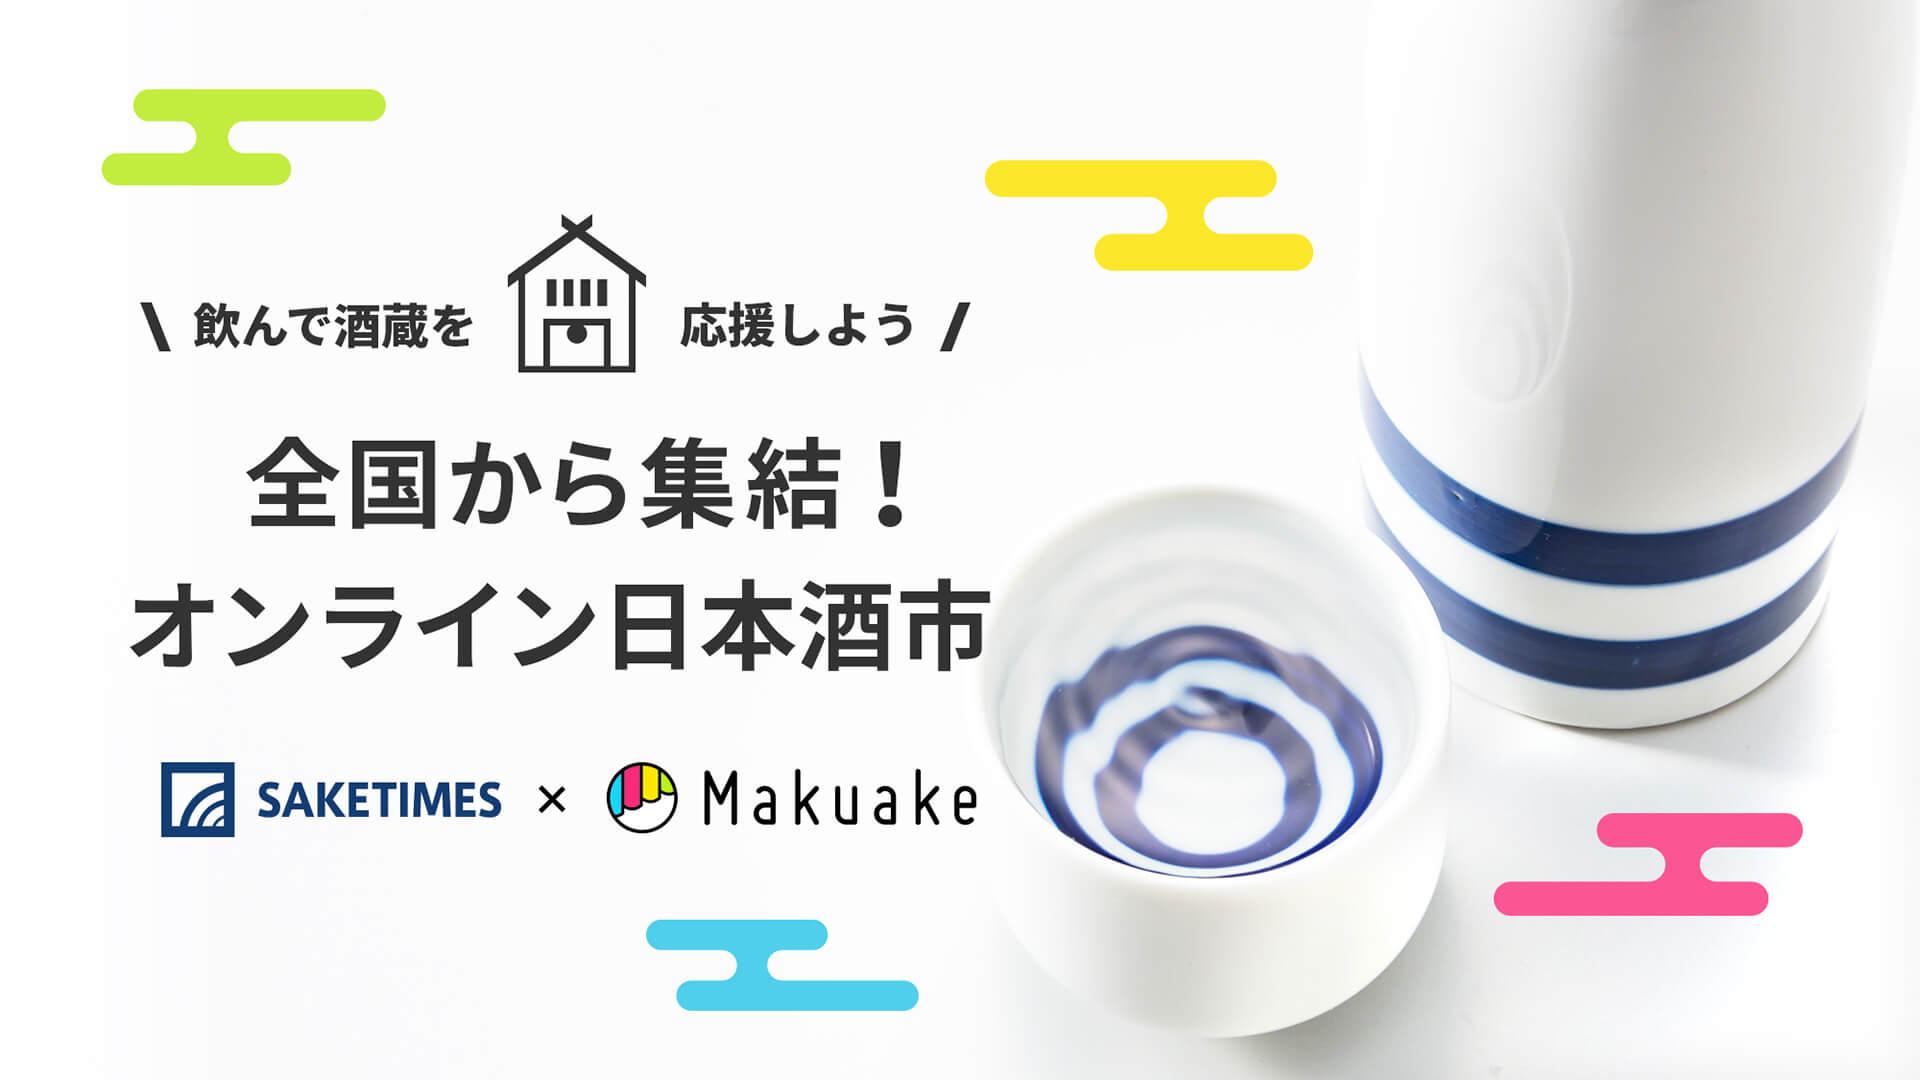 オンライン日本酒市